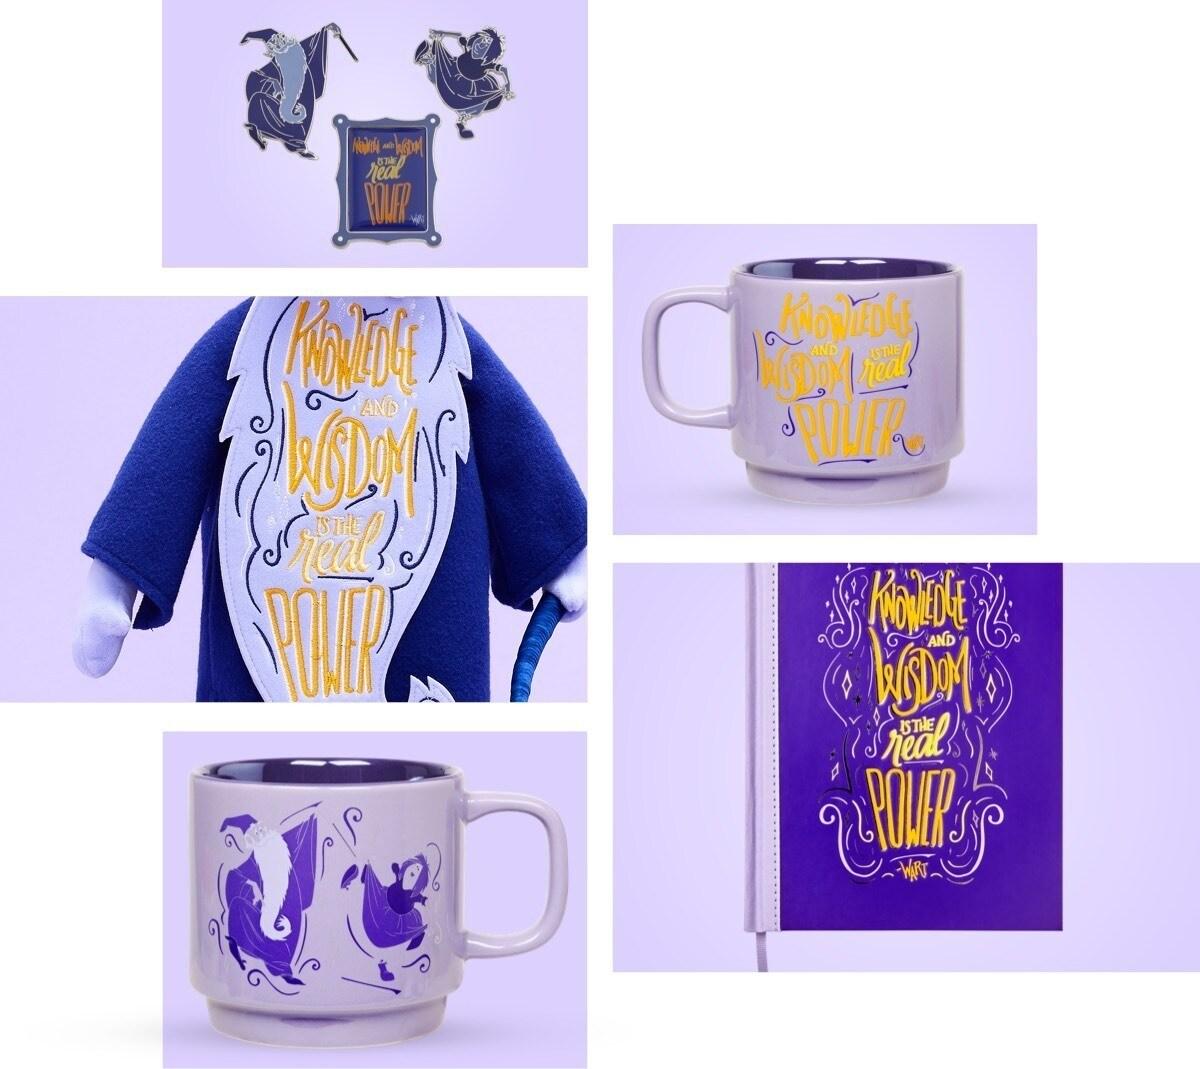 Juguete suave, cuaderno, juego de alfileres y taza inspirados en Merlin